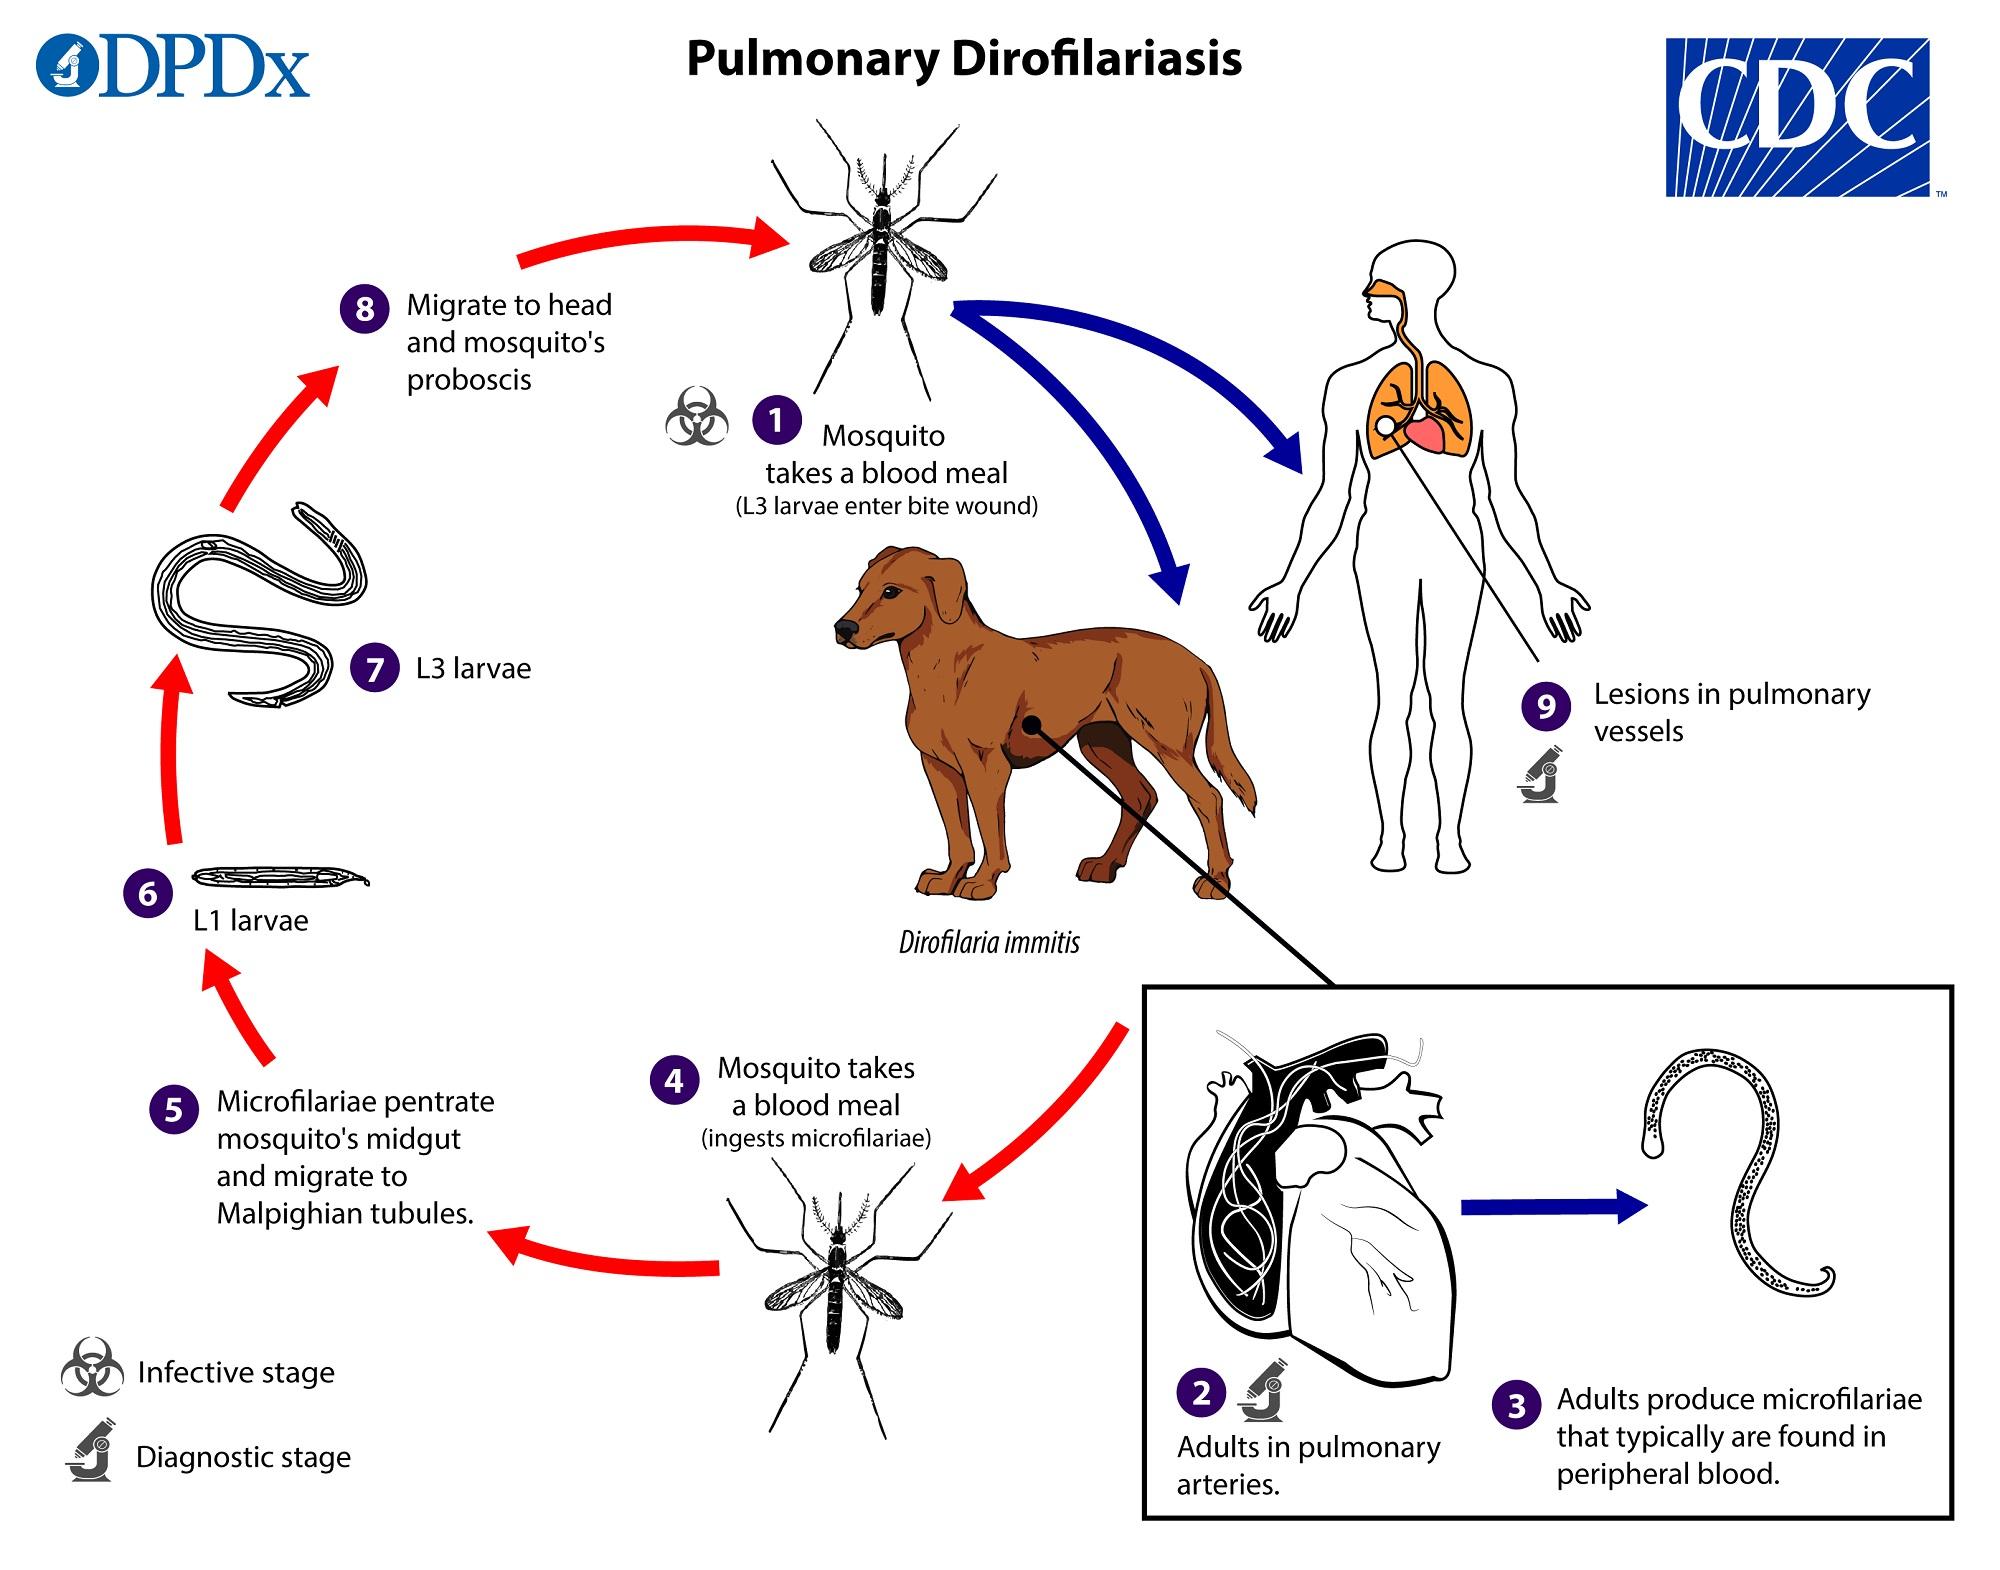 A dirofilariasis immitis az egyik helminthiasis, Mit hívnak a férgek